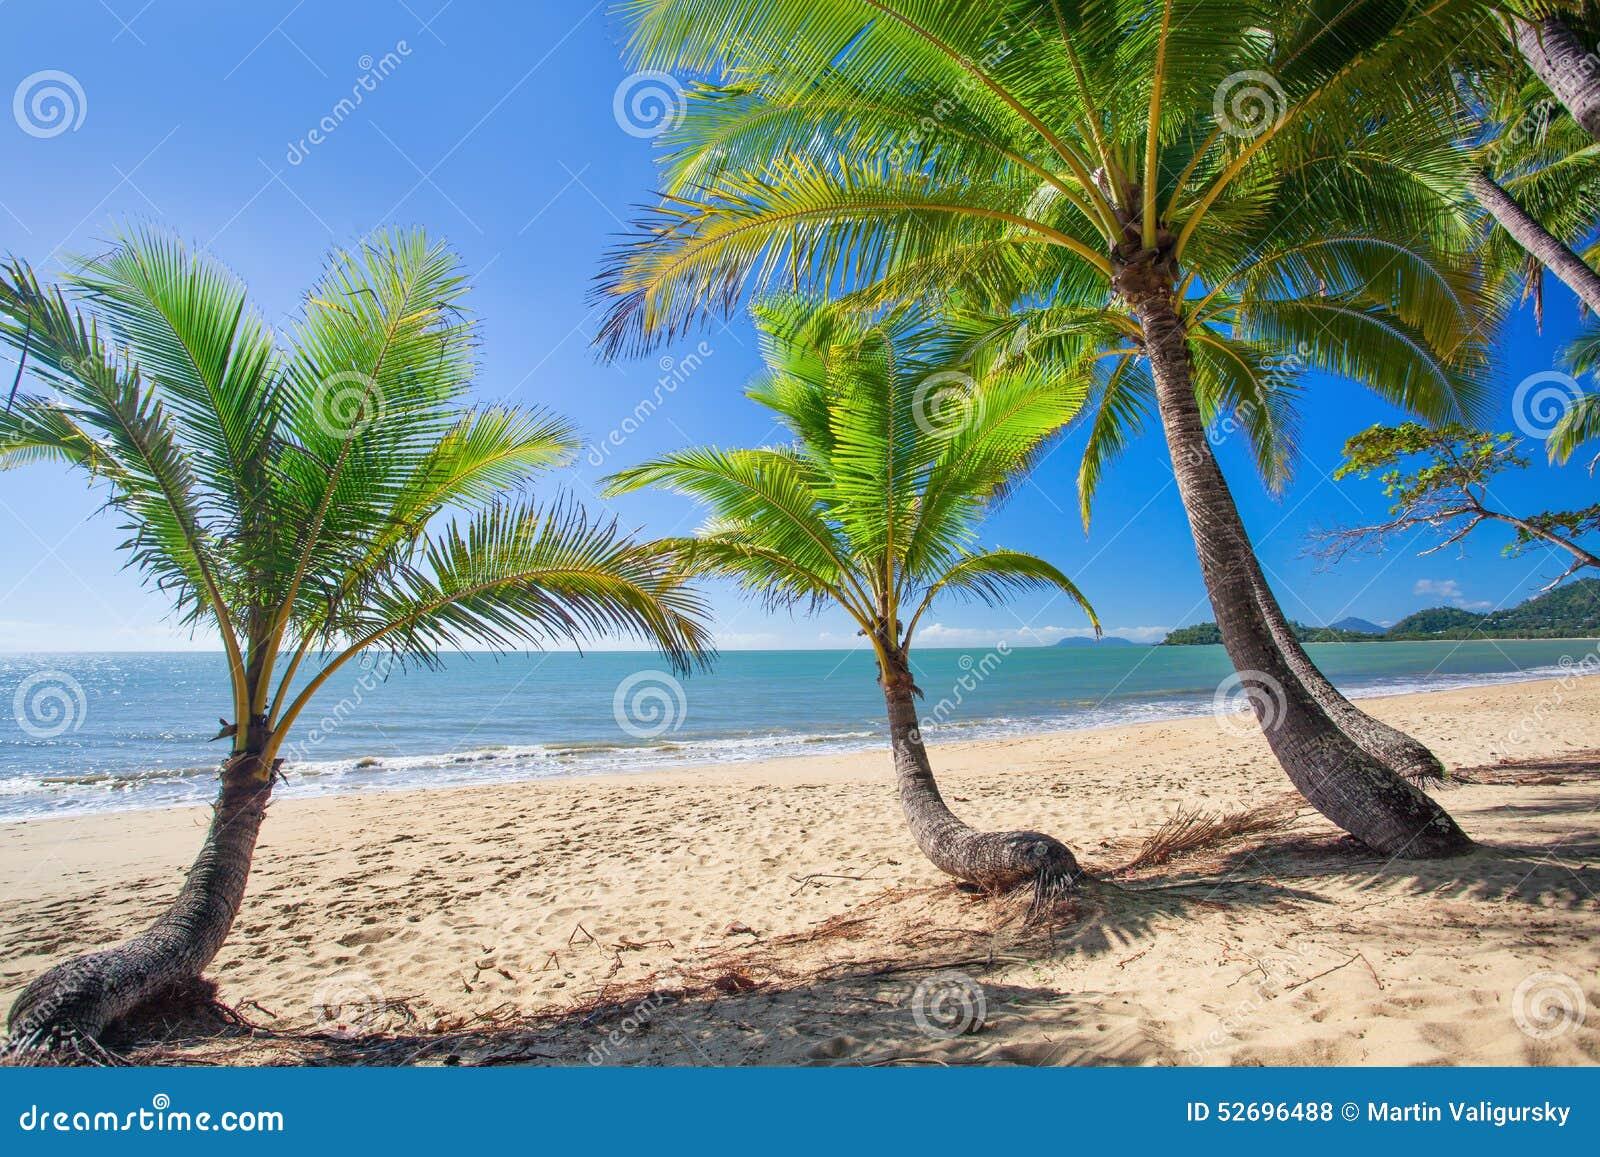 Date palms in Brisbane